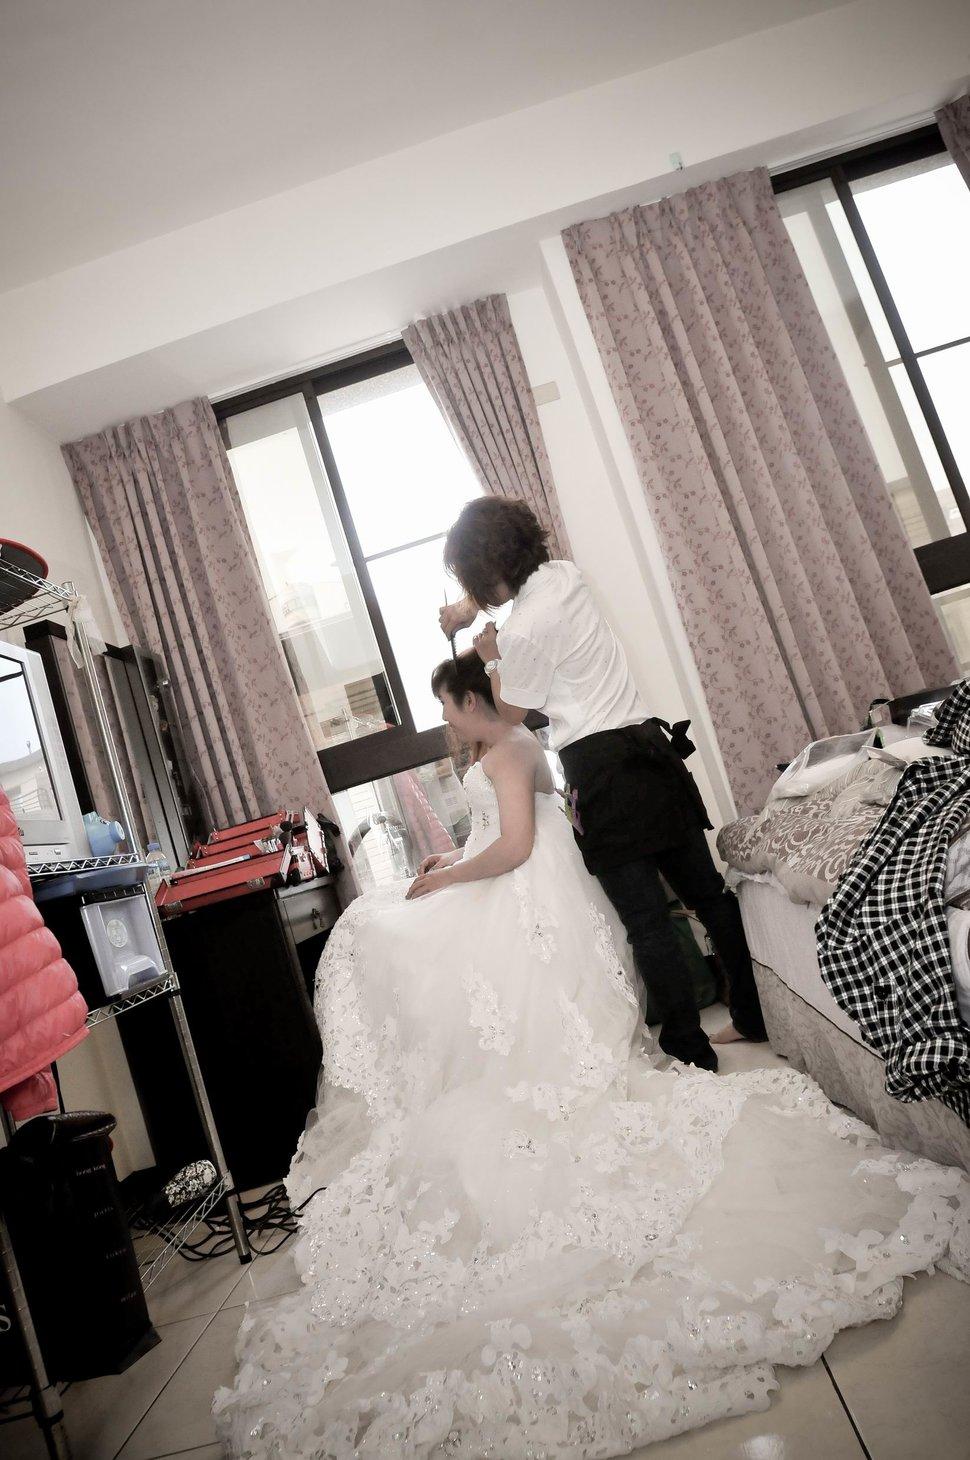 專業婚攝婚禮紀錄婚禮紀錄專業錄影婚禮錄影婚禮記錄動態微電影錄影專業錄影平面攝影婚攝婚禮主持人(編號:280377) - 蜜月拍照10800錄影12800攝影團隊 - 結婚吧